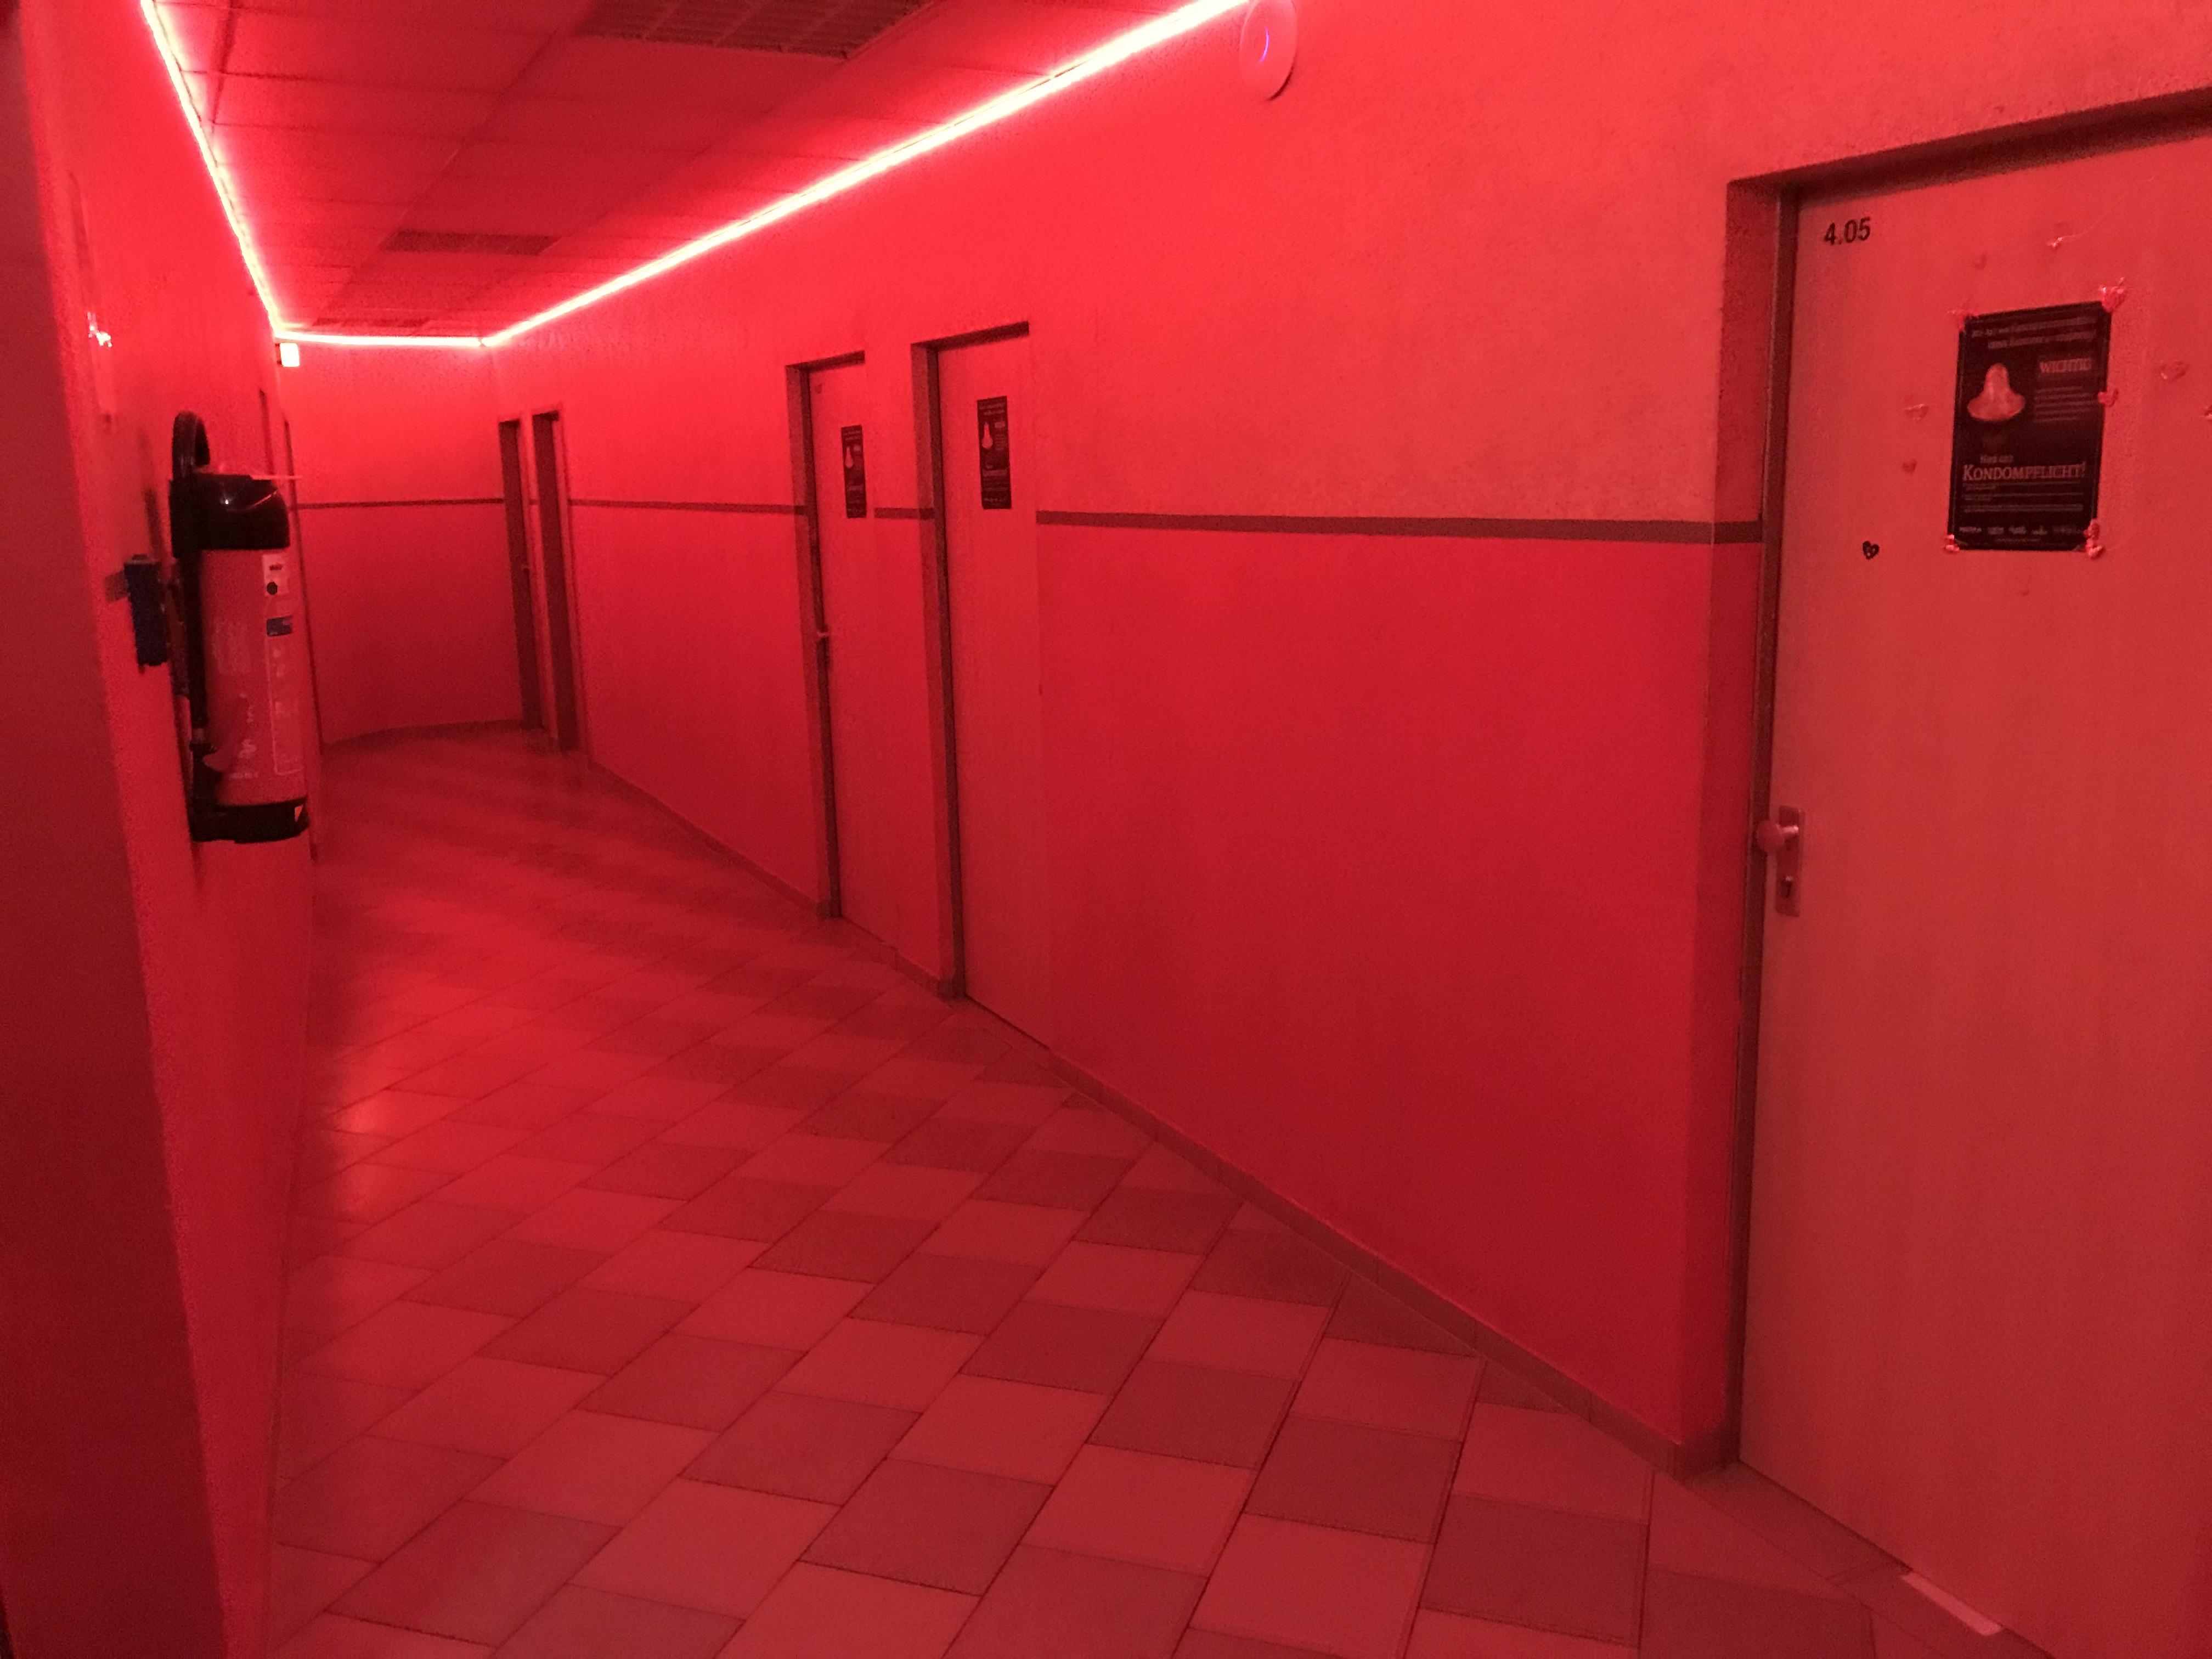 フランクフルトエロスセンター